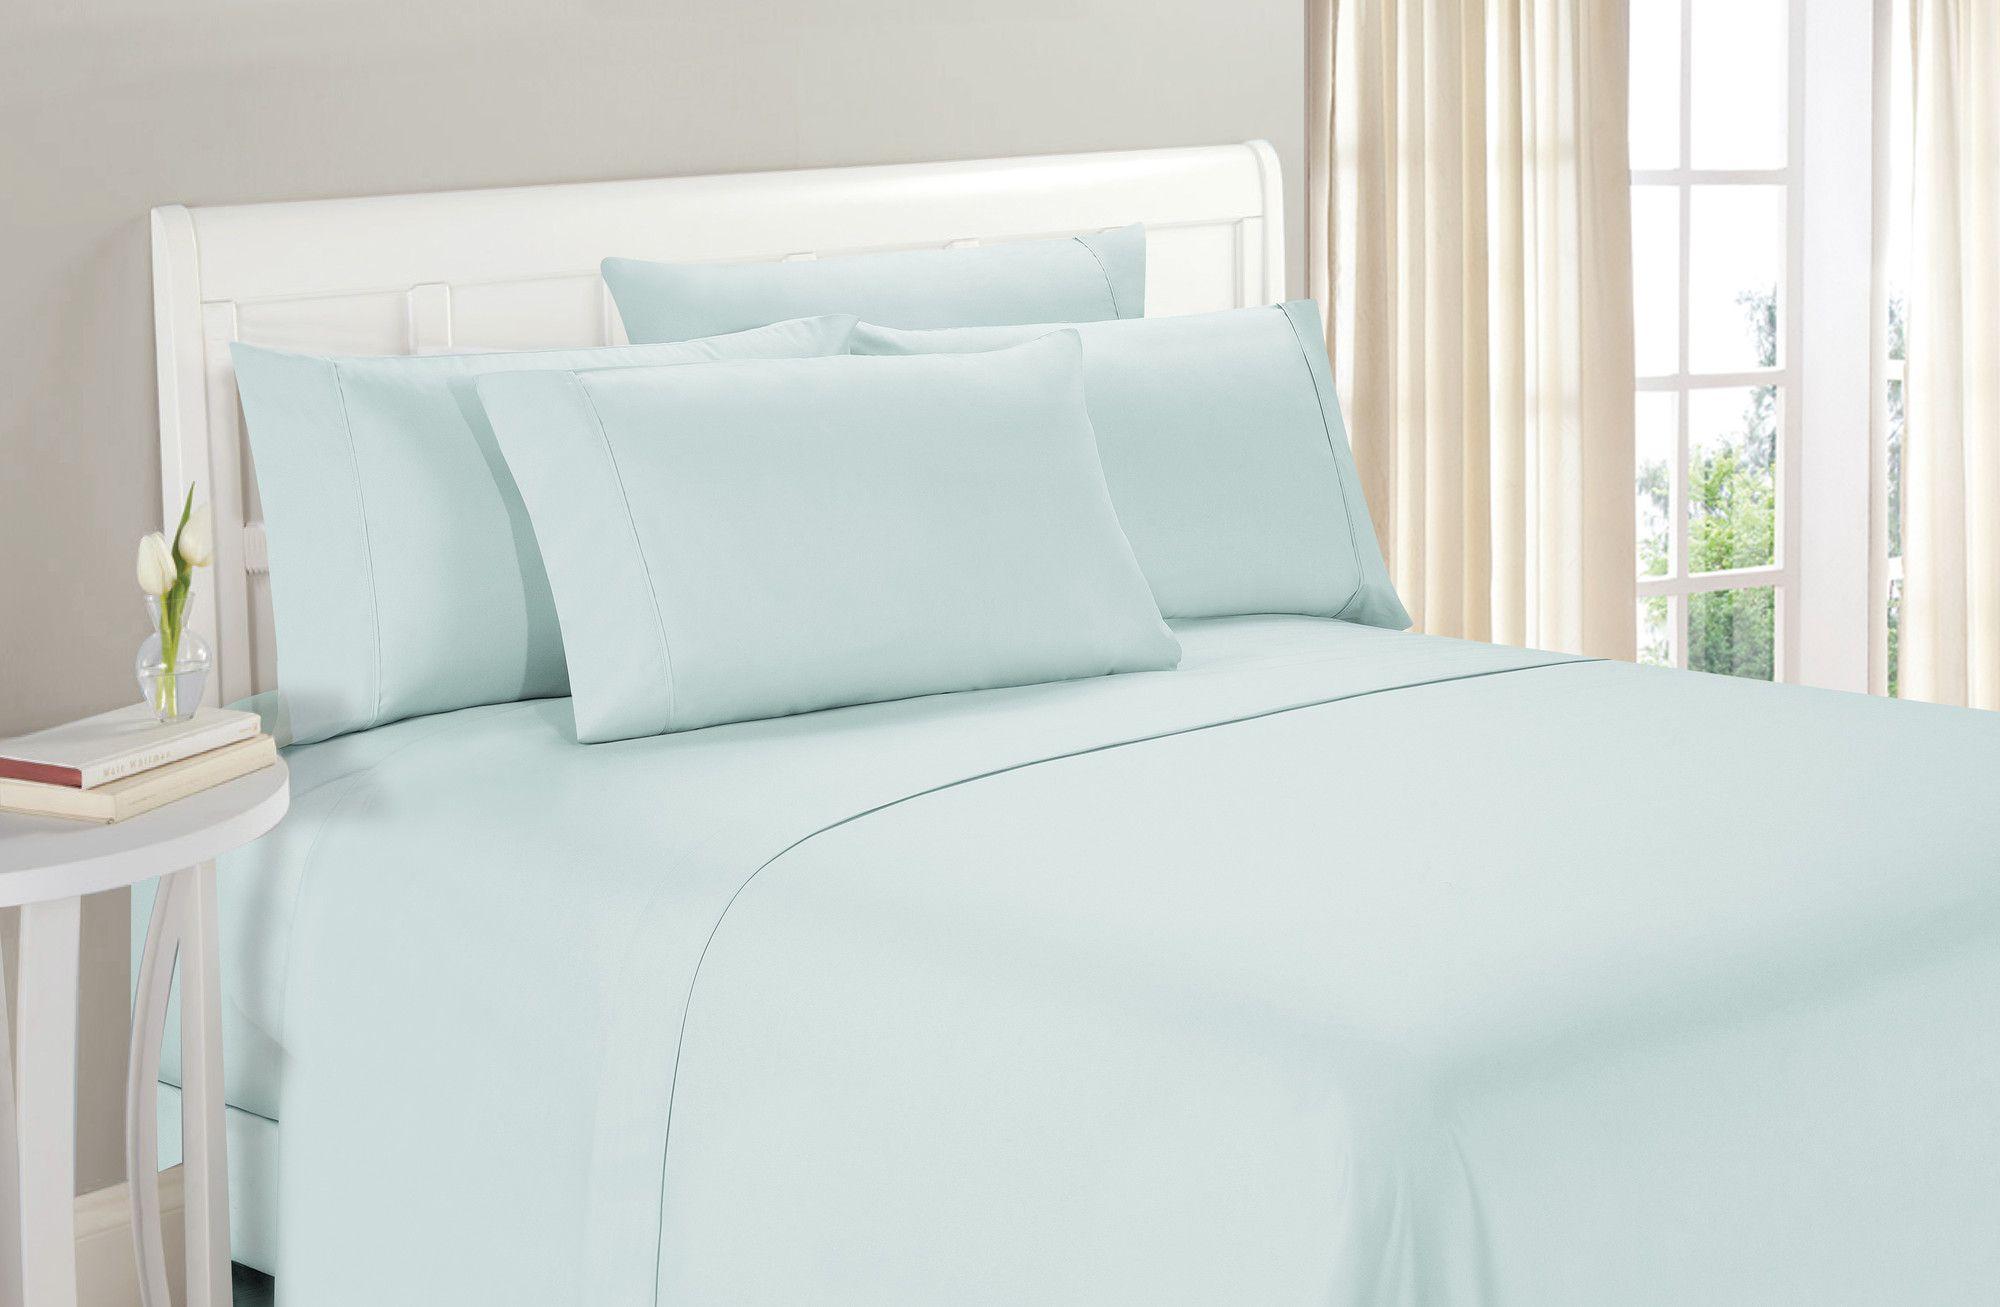 UltraBrushed Sheet Set Sheet sets, Bed sheets, Standard